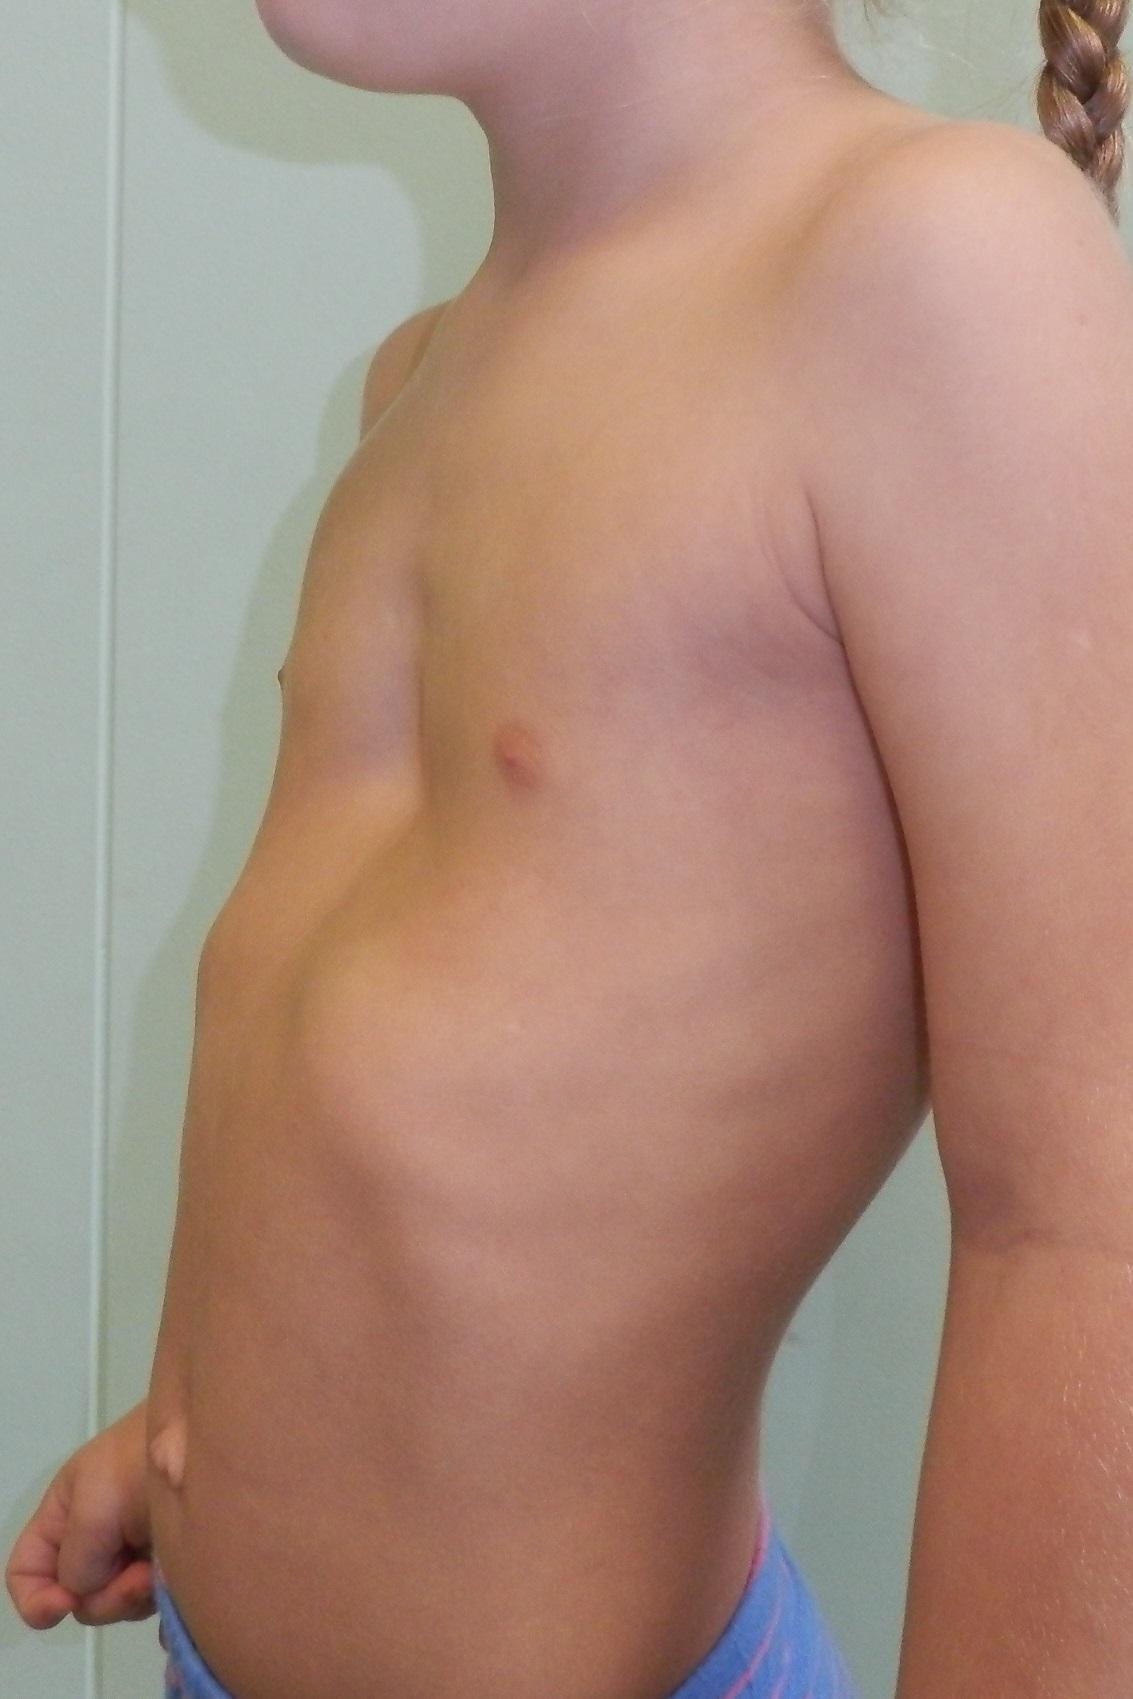 Формы грудной клетки человека. Форма грудной клетки